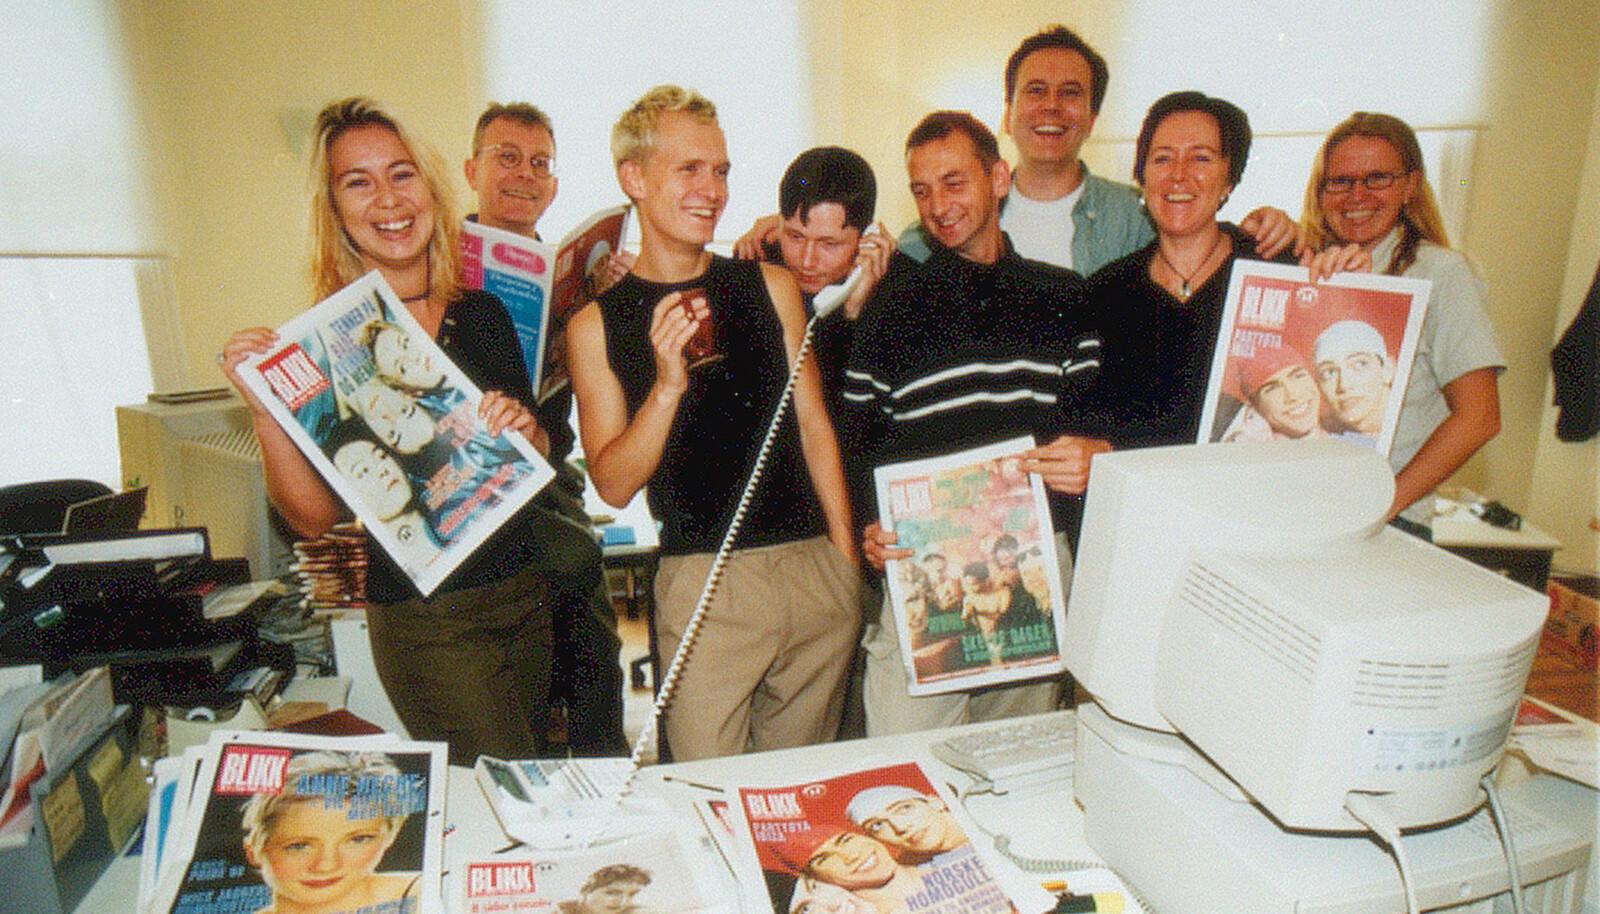 """<span class="""" italic"""" data-lab-italic_desktop=""""italic"""">Blikk- redaksjonen i 1998. Arne Walderhaug (med briller)</span>"""